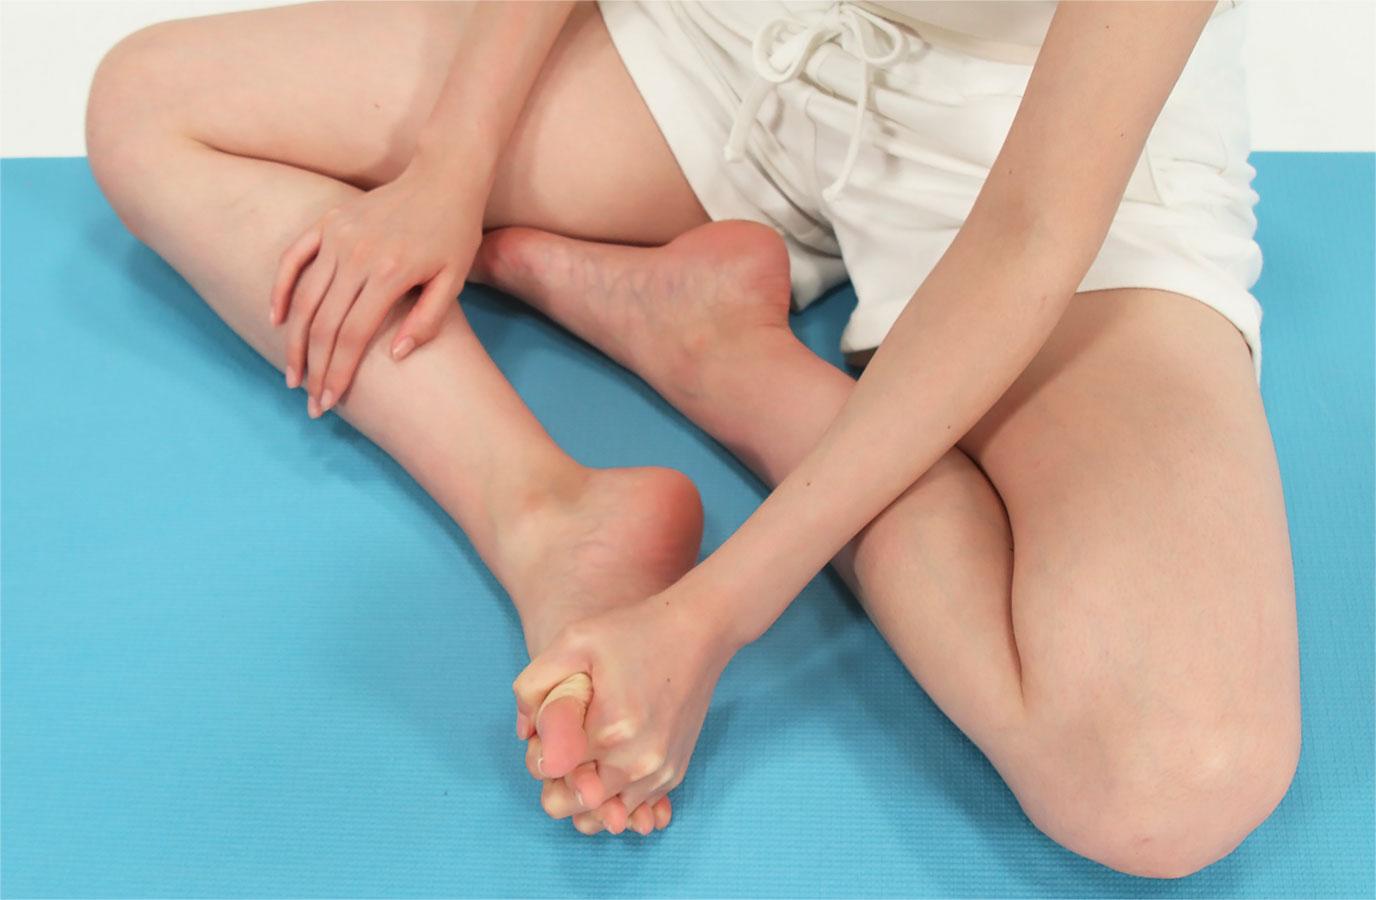 足の指と手の指を絡ませます。手をギューッと握ったら緩めます